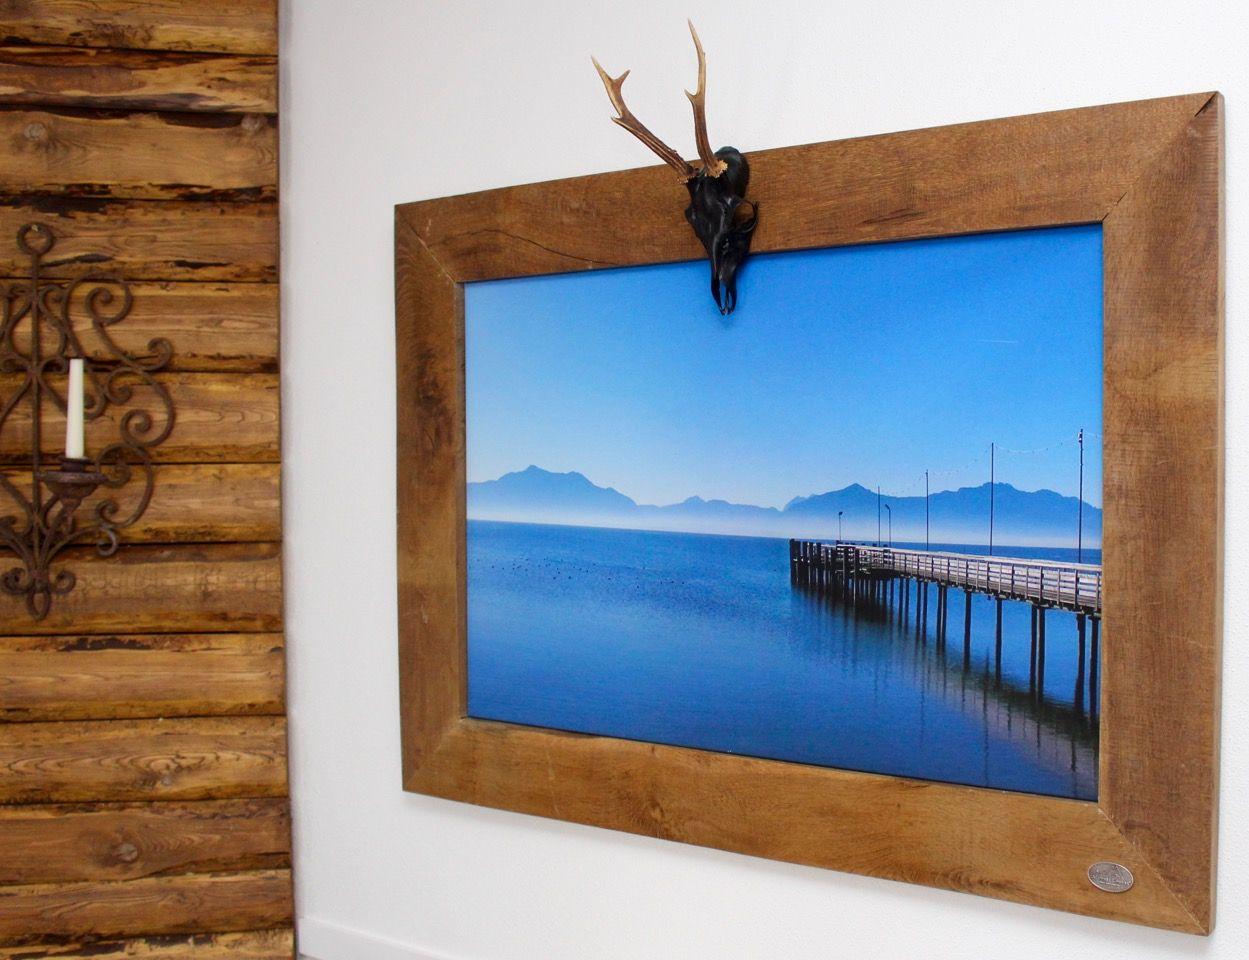 bilderrahmen aus altholz mit krickerl geweih handgefertigt in rosenheim bayern dekoration. Black Bedroom Furniture Sets. Home Design Ideas